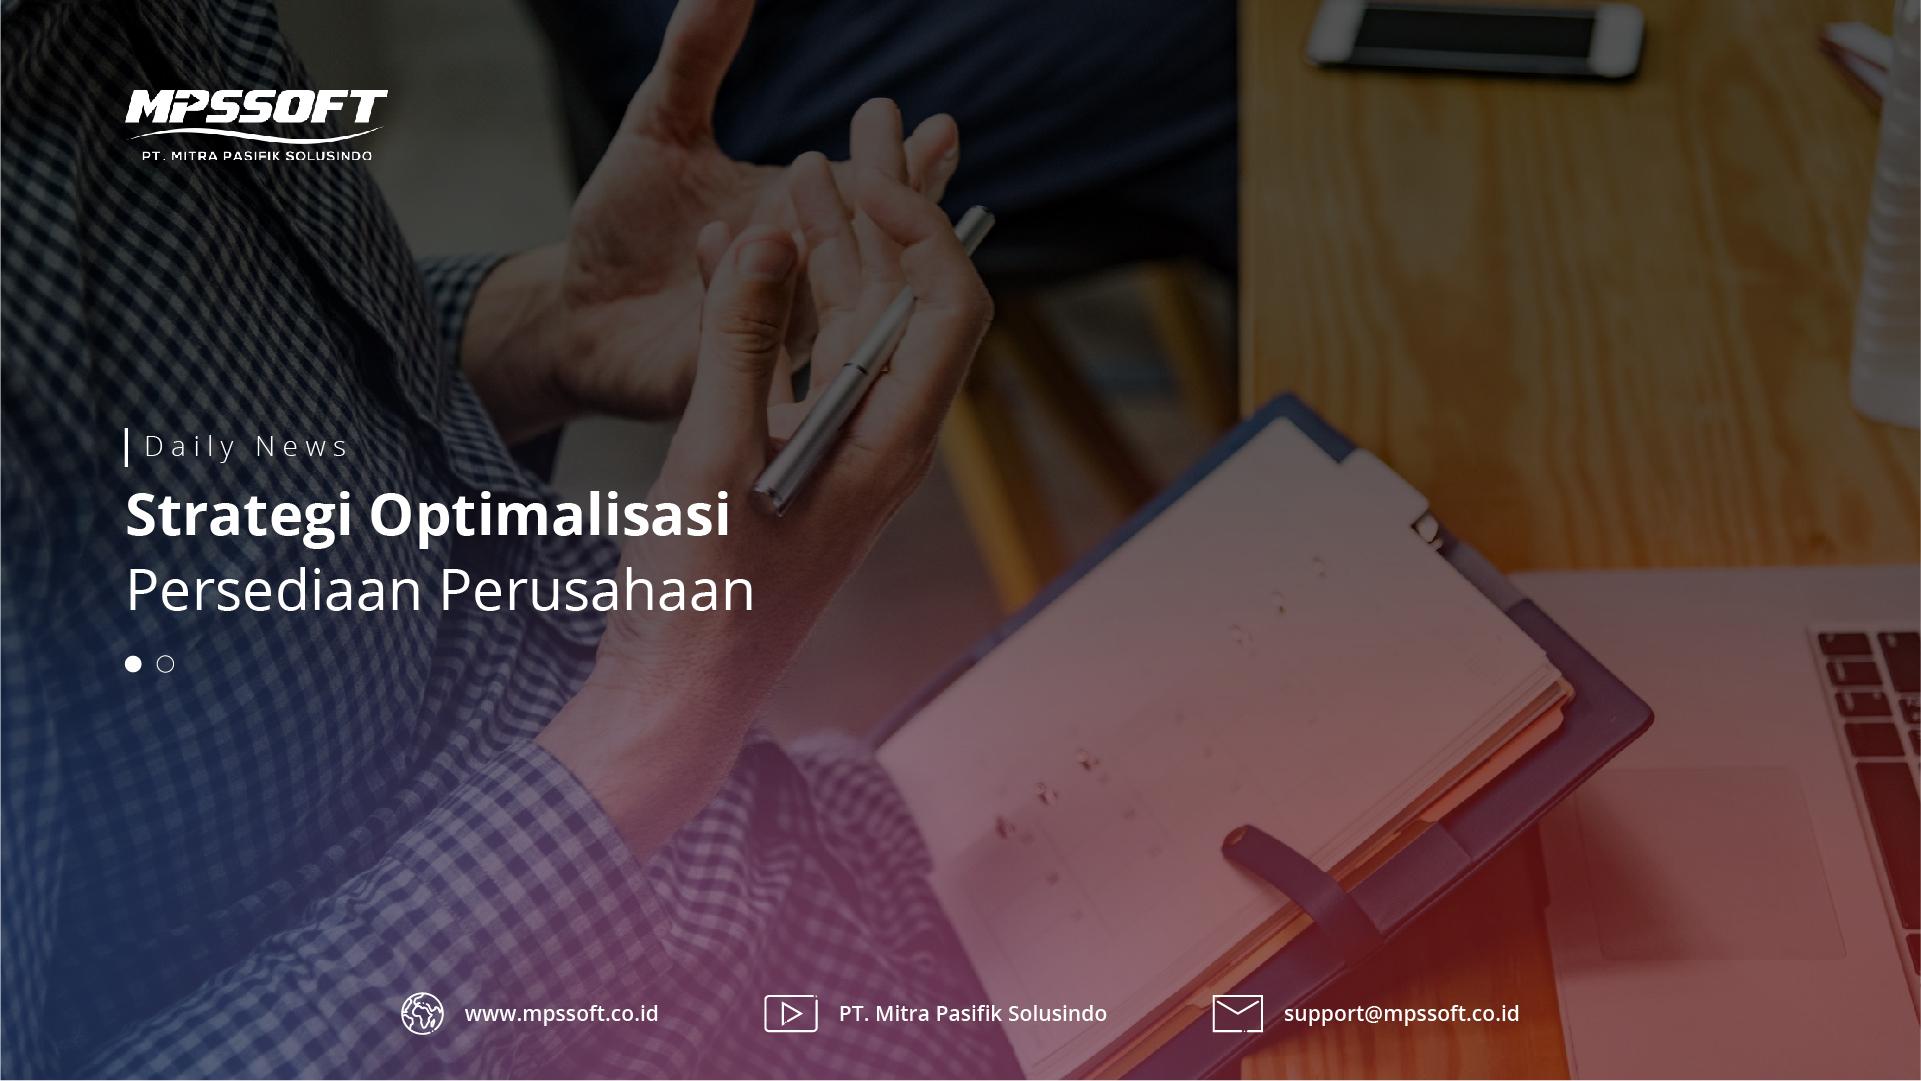 Strategi Optimalisasi Persediaan Perusahaan